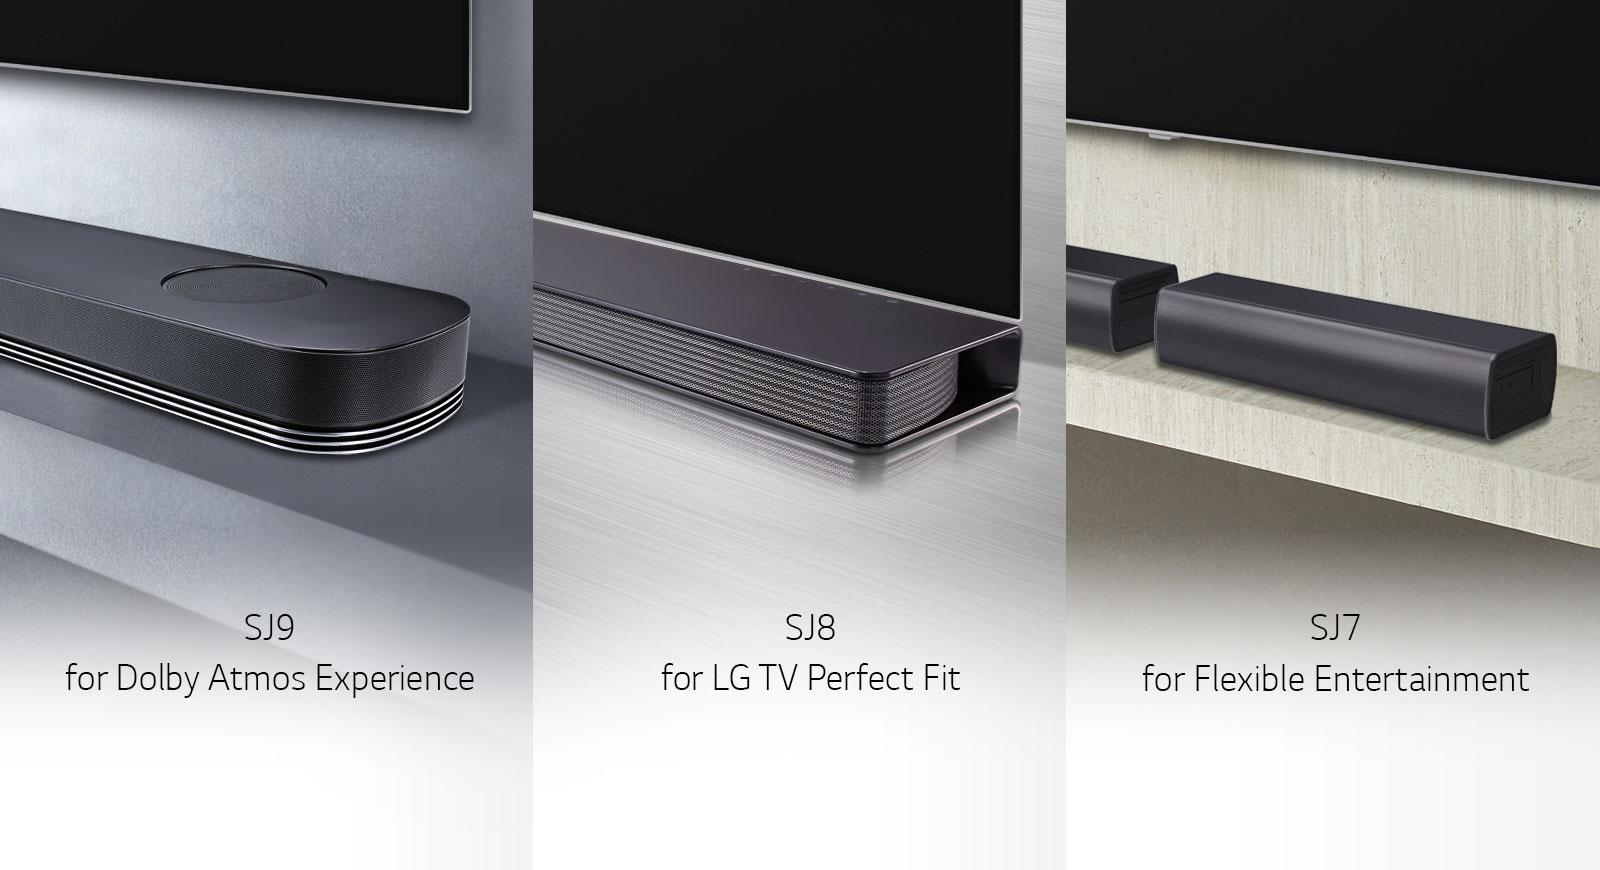 Lg 55 Led Digital Ultra Hd Smart Tv Hitam Model 55uh650 Update 55uh650t Uhd 4k Webos55 Inch Khusus Jabodetabek 65 Flat 65uj652t Area Source See All Soundbars